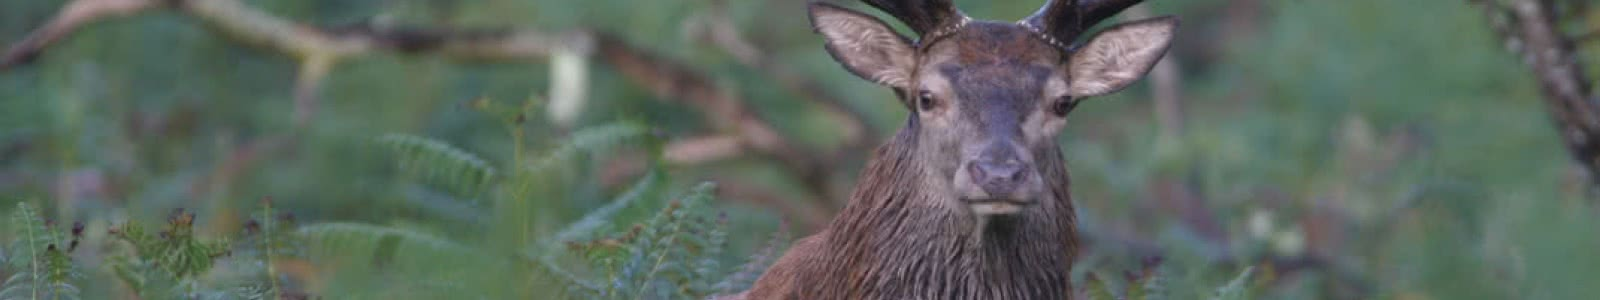 Cerf dans une forêt de Sologne - Maison du Cerf de Villeny - Expérience nature en famille ou entre amis en Loir-et-Cher Val de Loire ©M-Gengembre - La Maison du Cerf - Sologne